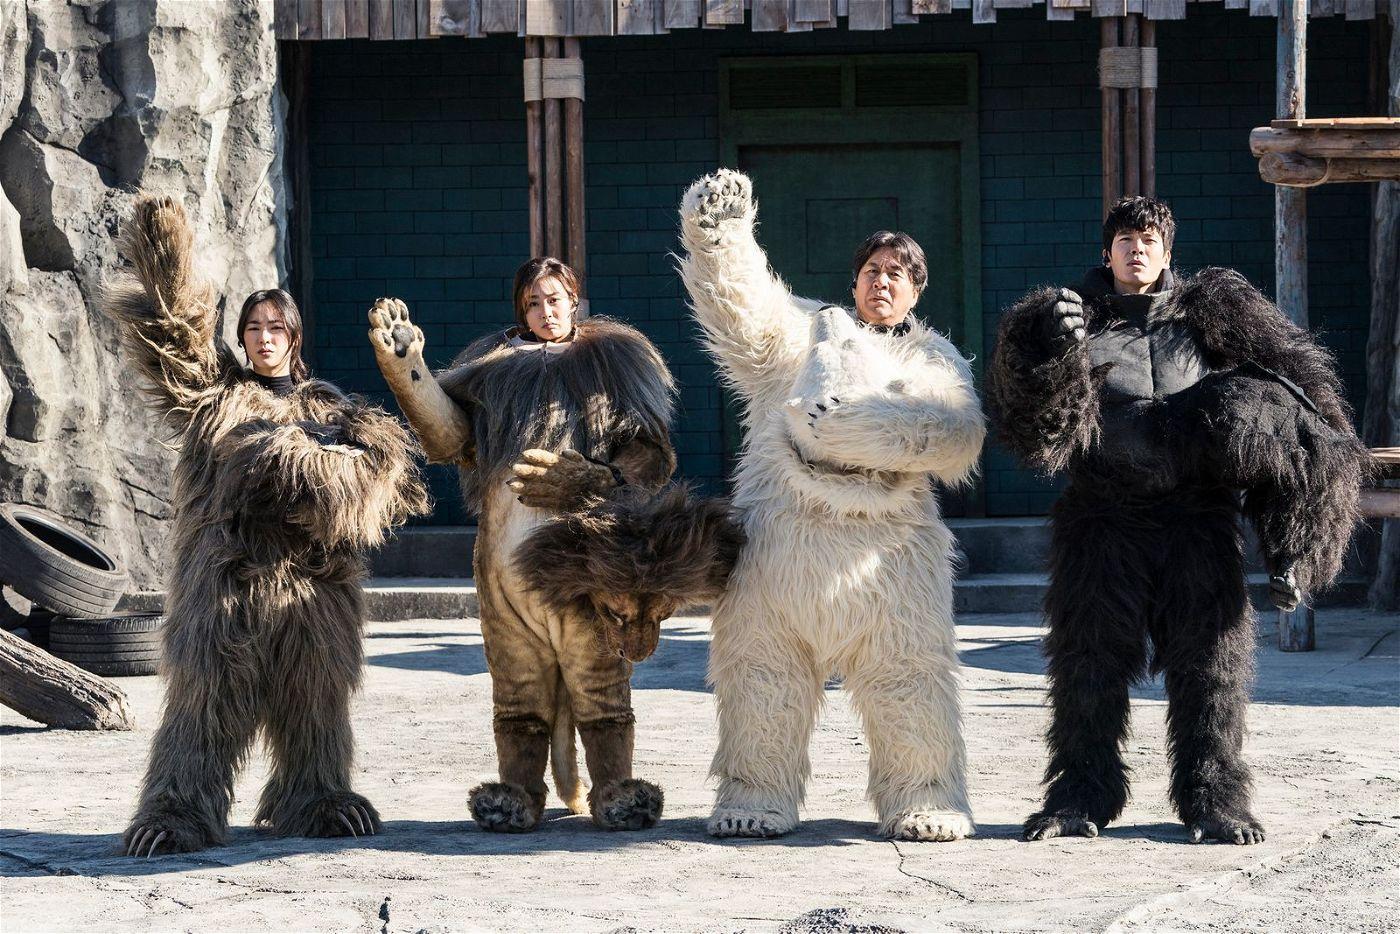 Die Mitarbeiter des Zoos haben sich als Faultier (Jeon Yeo-been), Löwe (Kang So-ra), Eisbär (Park Young-kyu) und Gorilla (Kim Sung-oh) verkleidet - und warten nun auf die ersten Besucher.